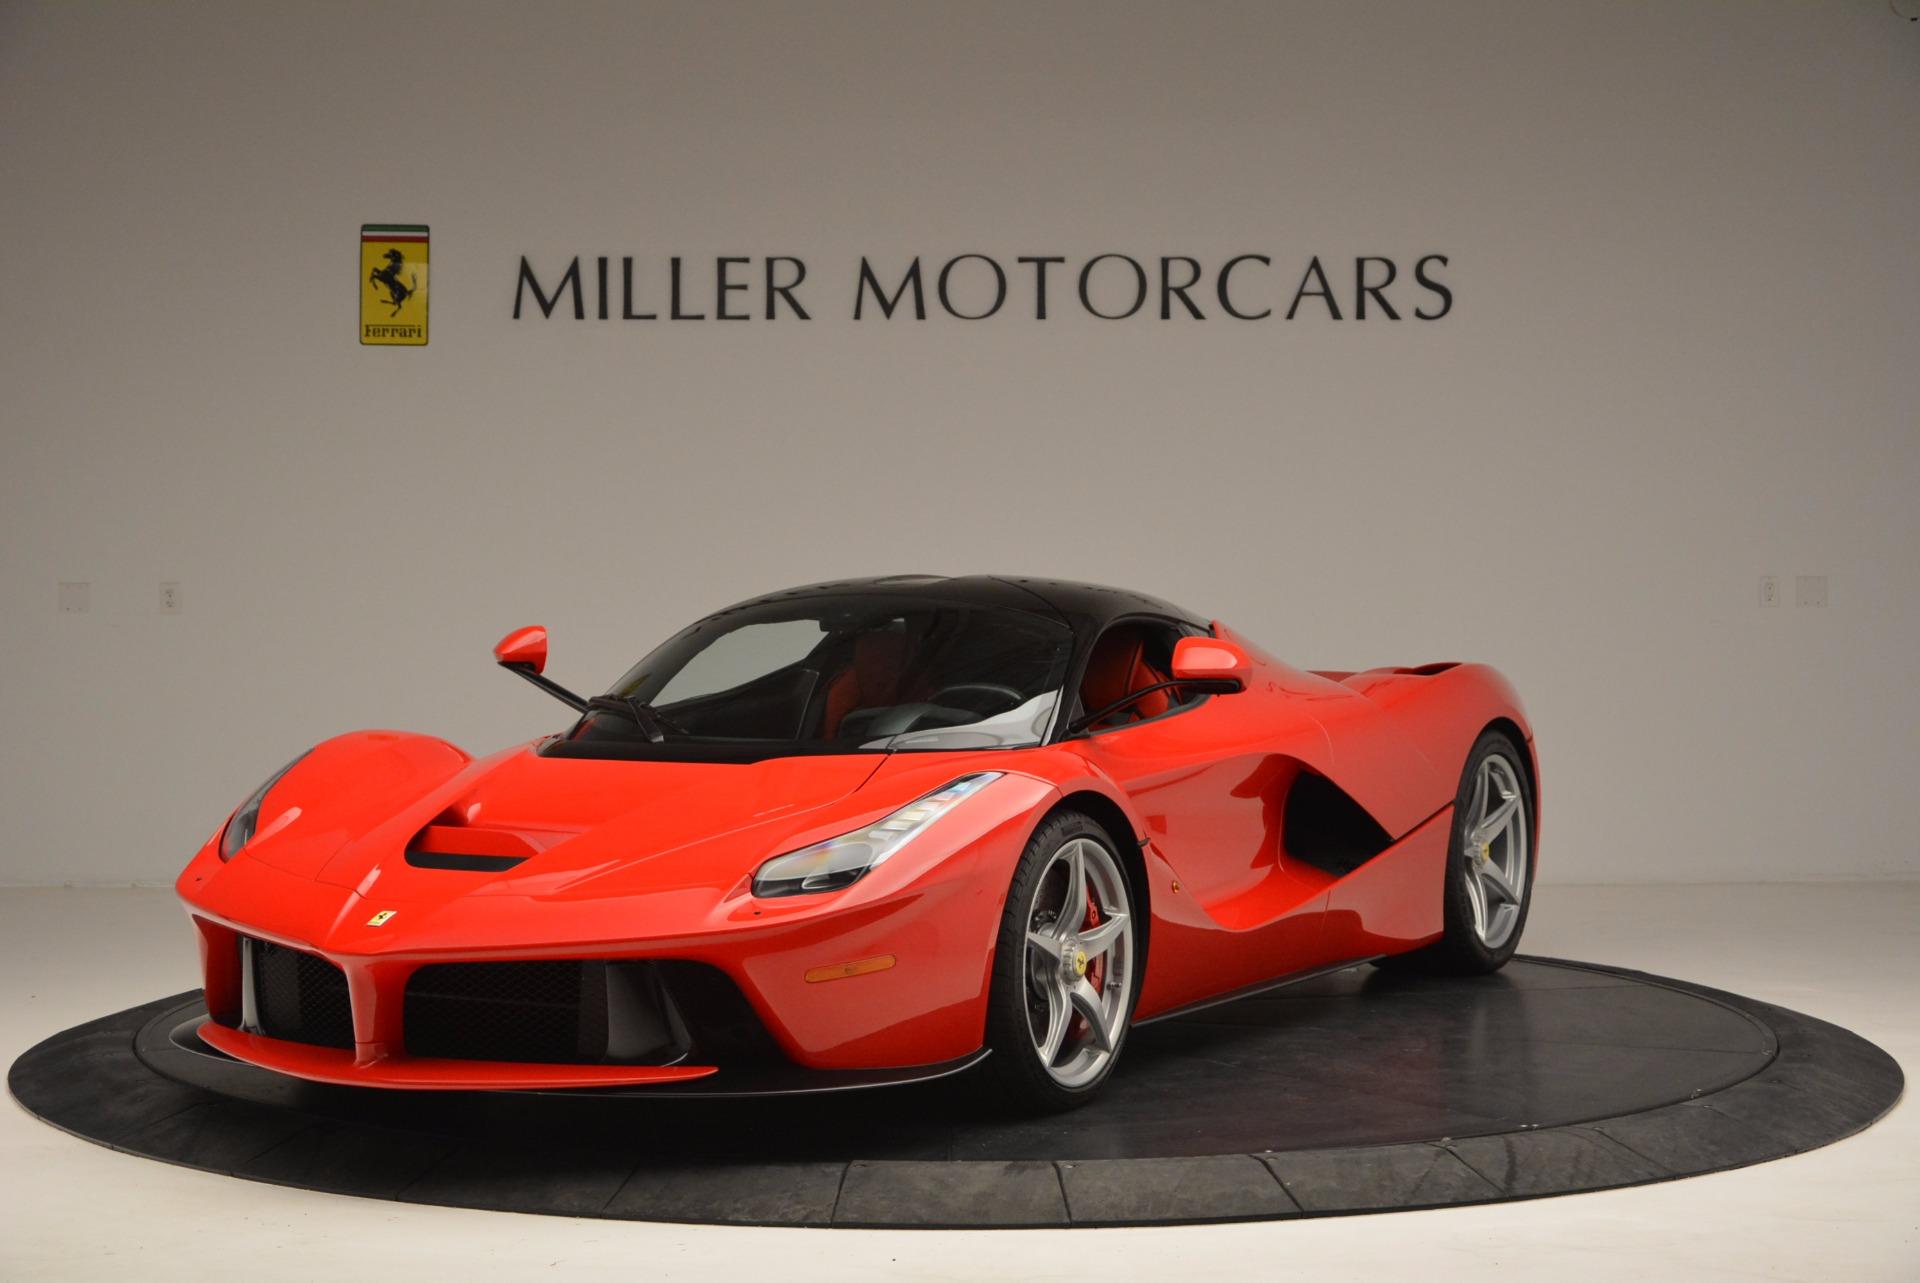 Used 2015 Ferrari LaFerrari for sale Sold at Alfa Romeo of Greenwich in Greenwich CT 06830 1